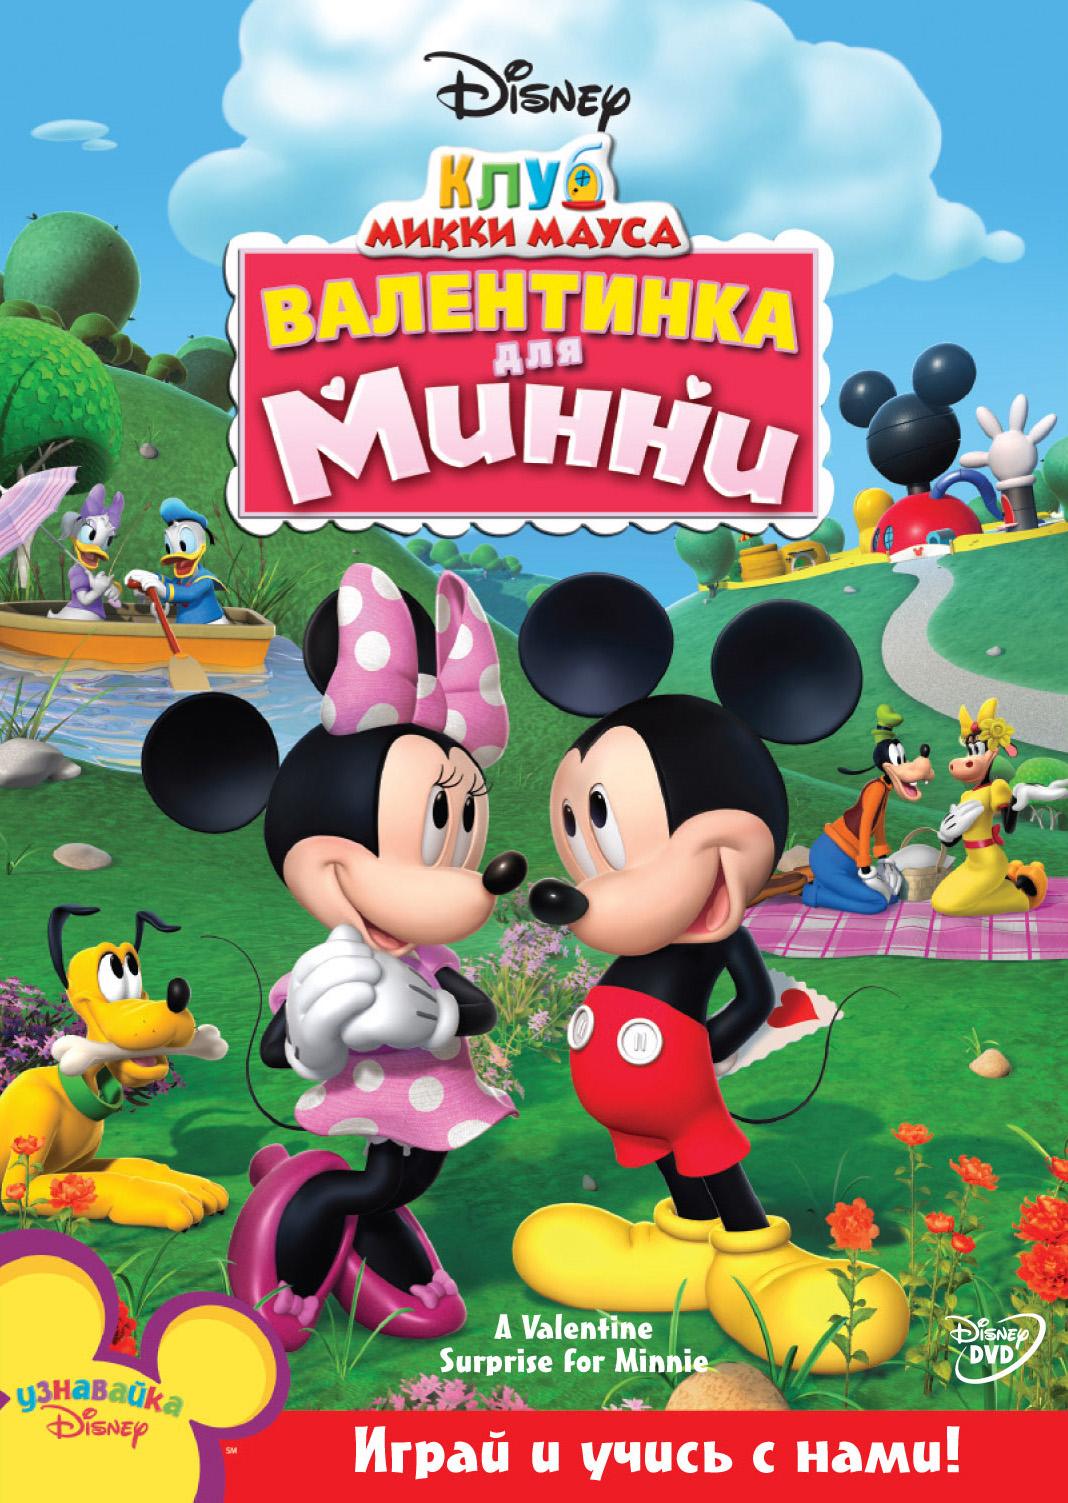 Скачать Мультфильм Микки Маус Без Перевода